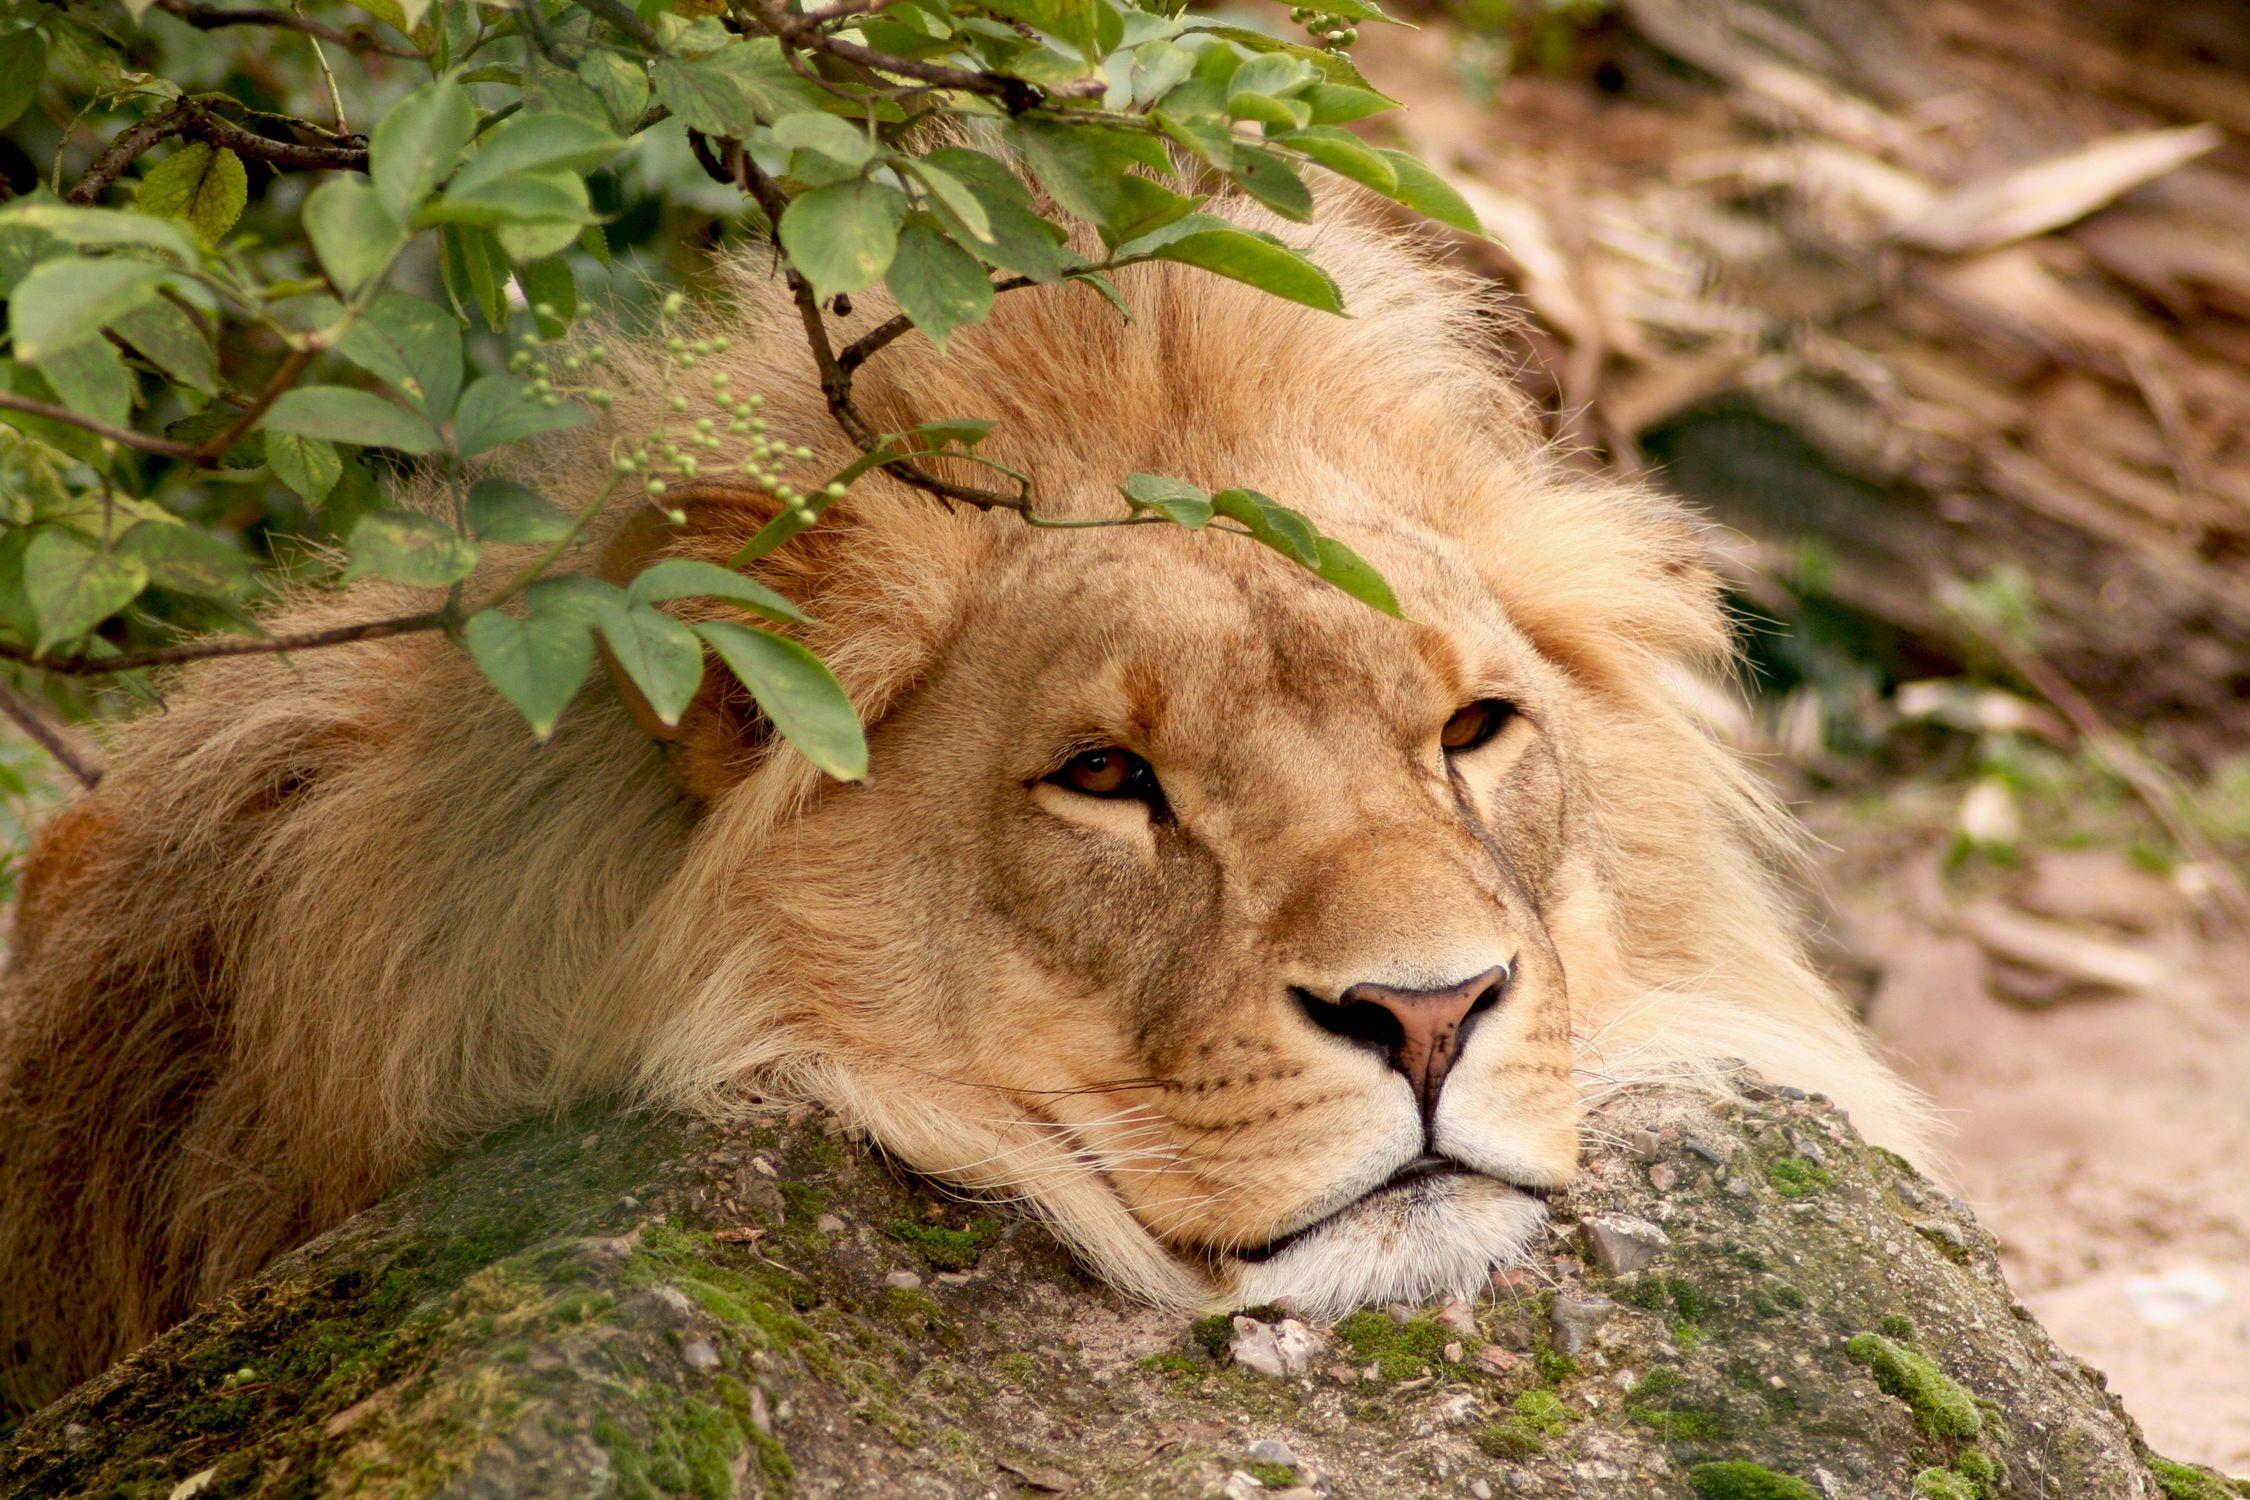 Bild mit Tiere, Säugetiere, Raubtiere, Katzenartige, Löwen, Löwe, Lion, Löwenmähne, männlicher Löwe, große Katze, Raubtier, Raubkatze, Männchen, Großkatzen